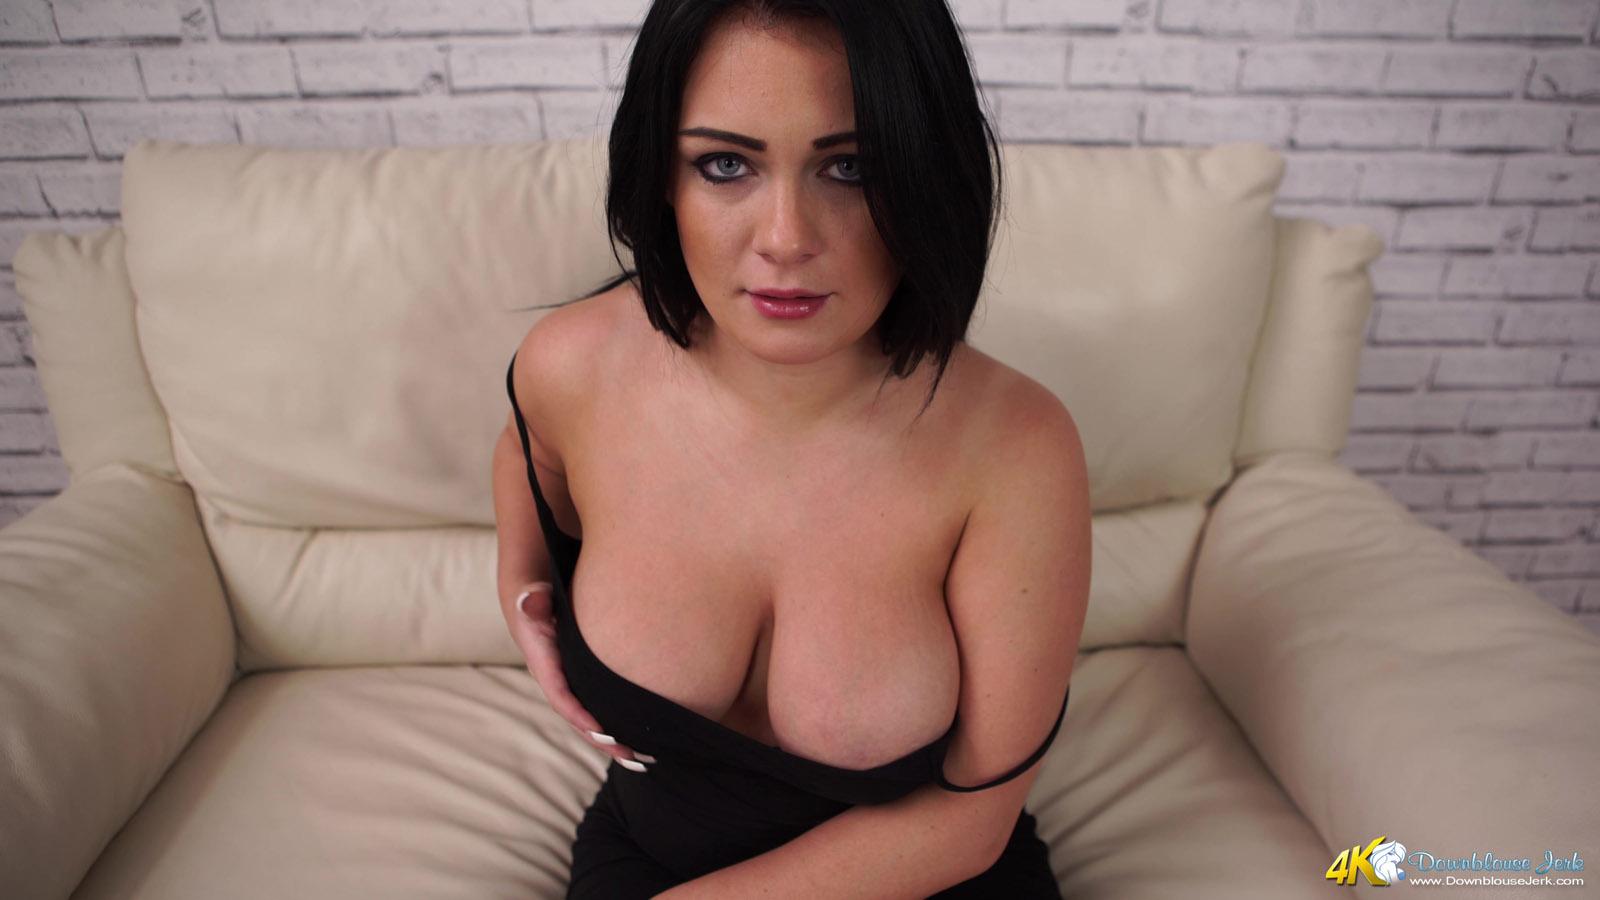 basehunter porn video